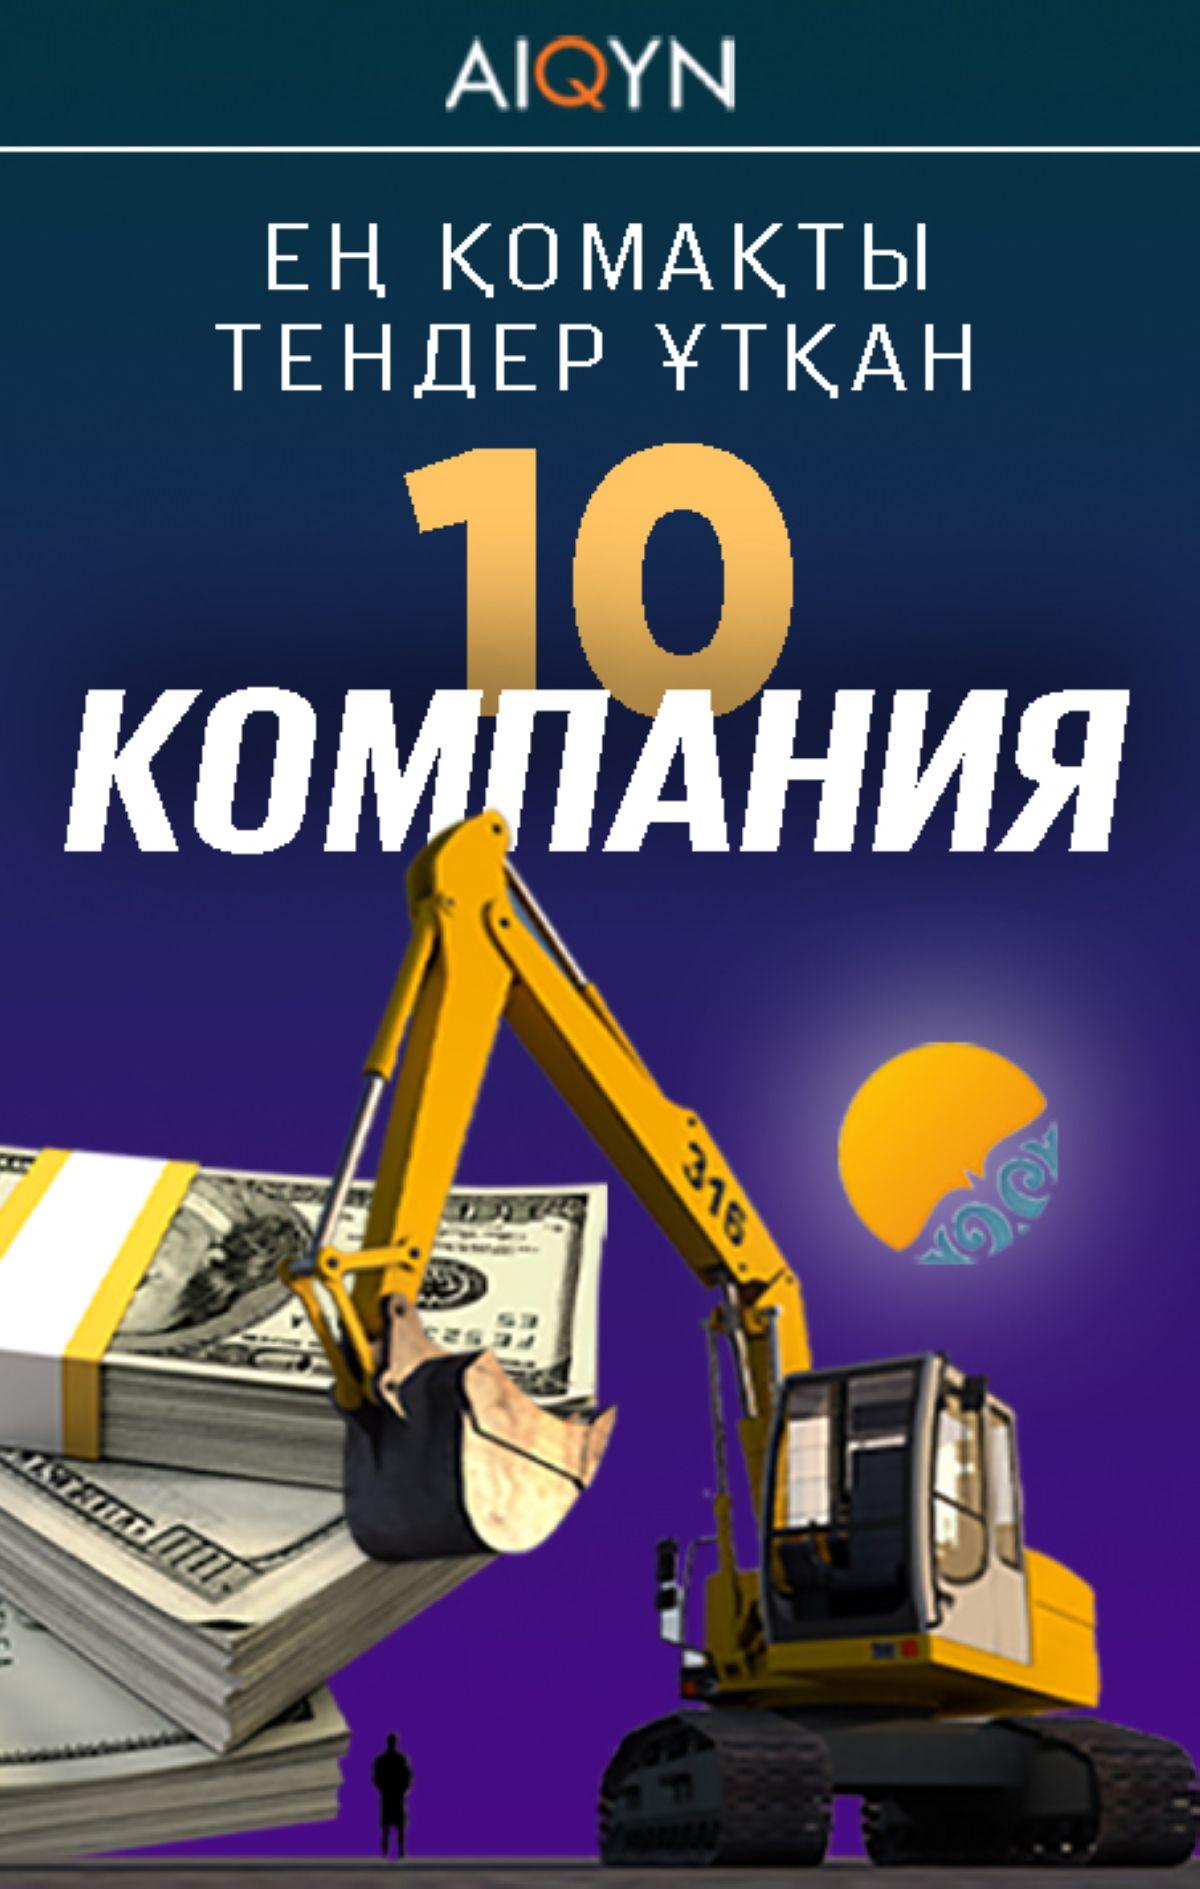 Қырғыз елінің жаңа президенті Садыр Жапаров кім?